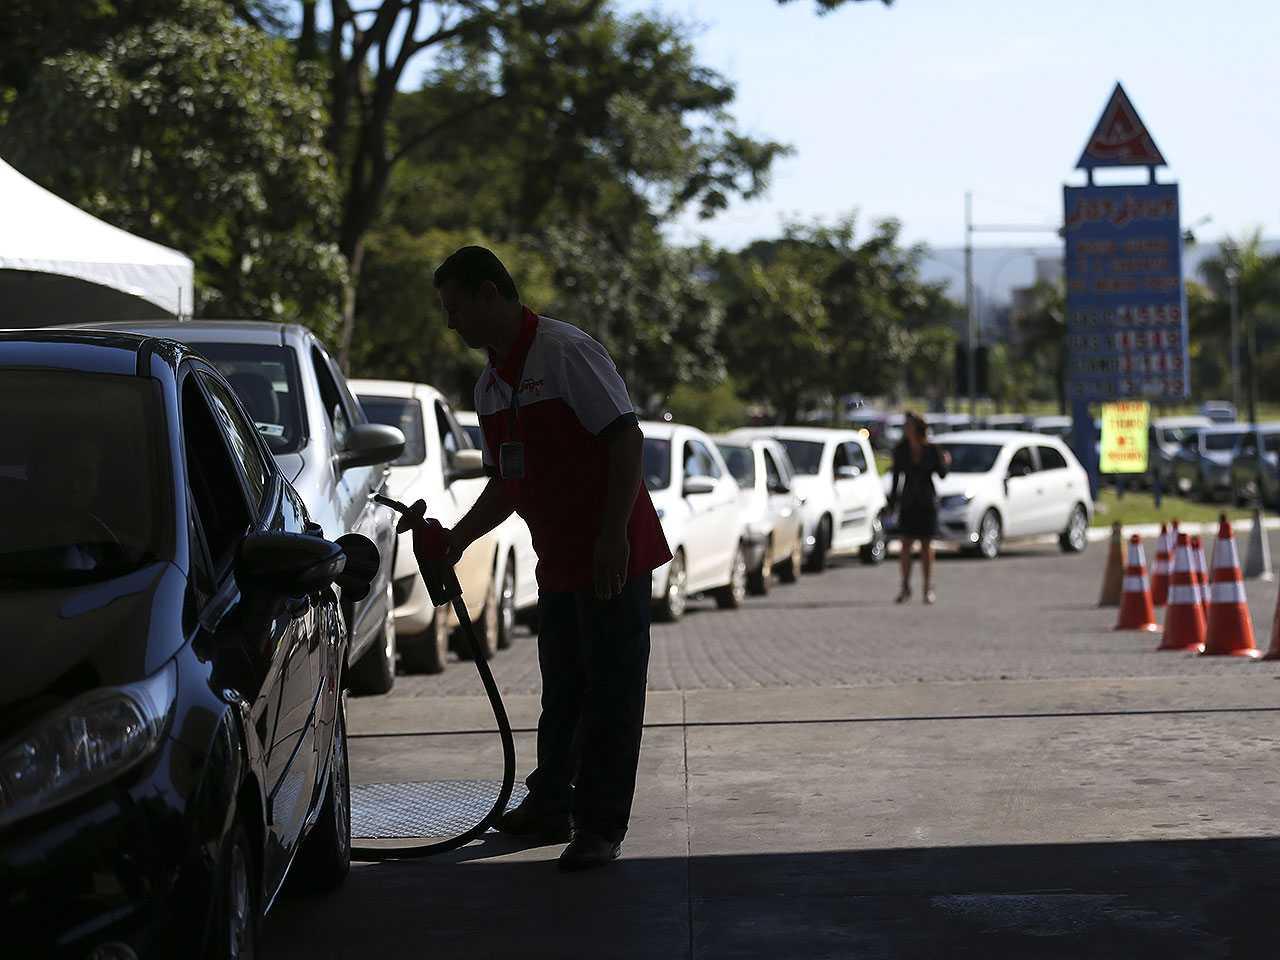 Gasolina e diesel mais caros